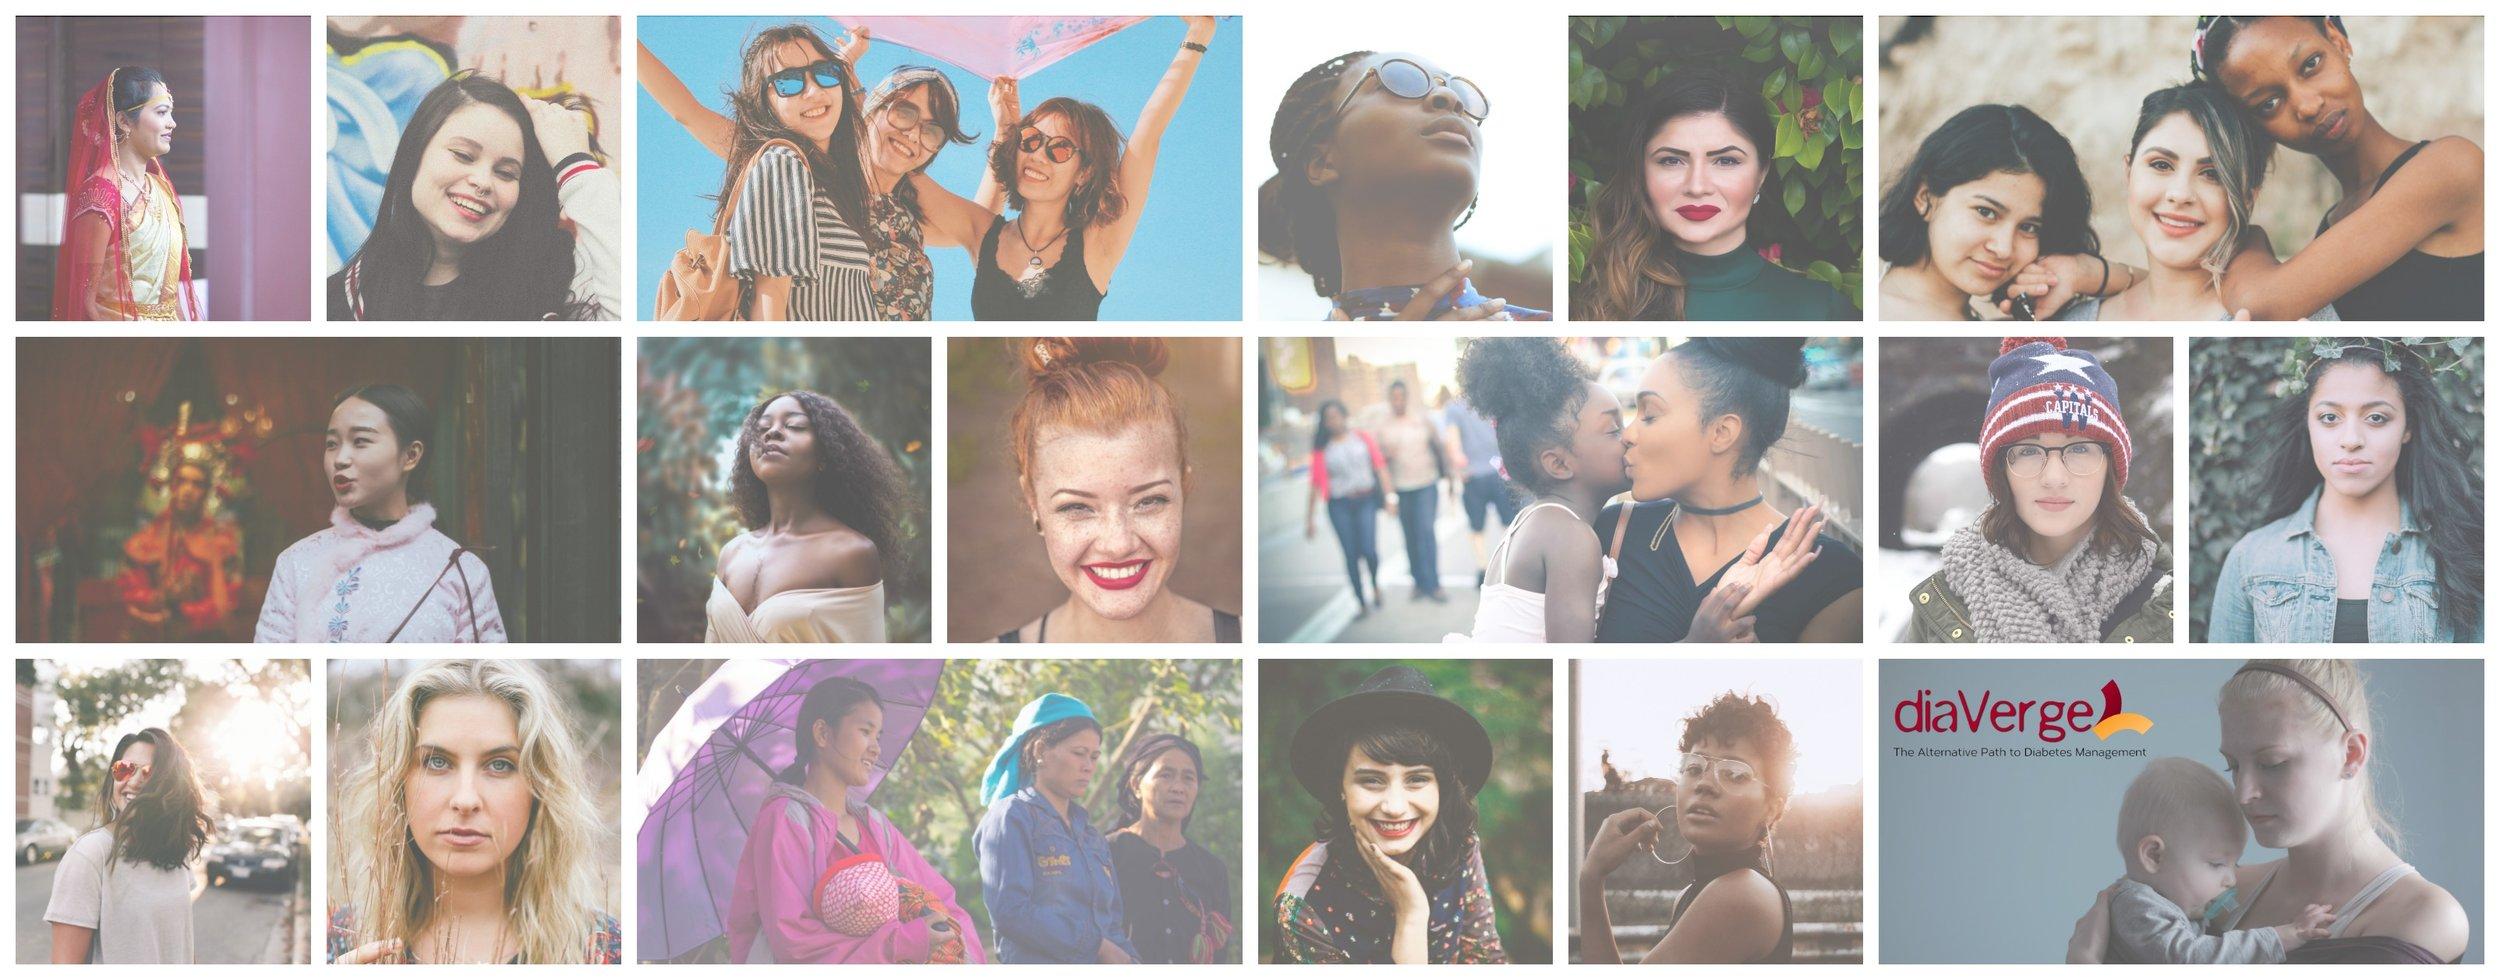 Women Collage.jpg